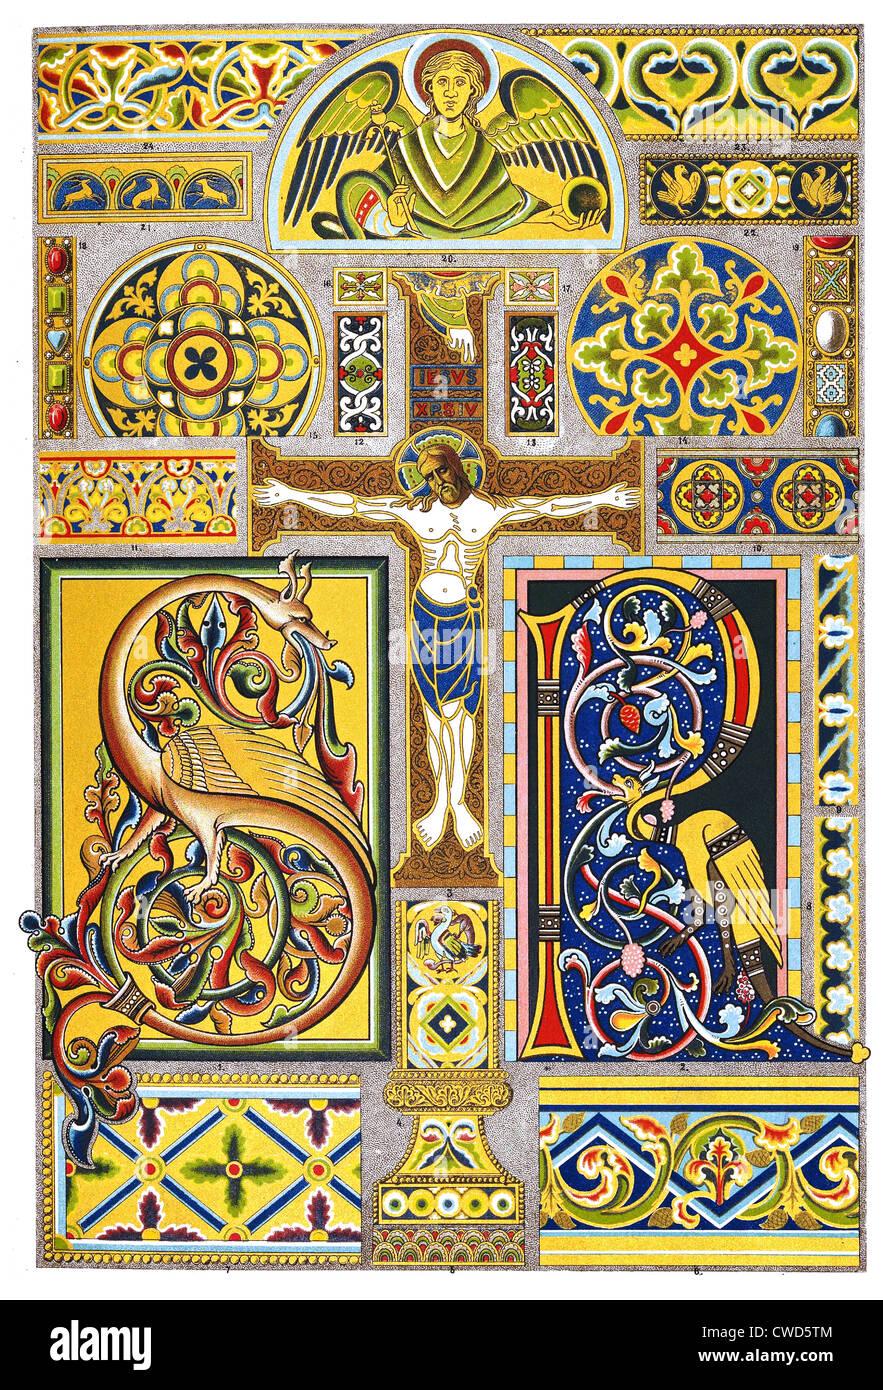 Il romanico Medioevo manoscritto e smalto Immagini Stock